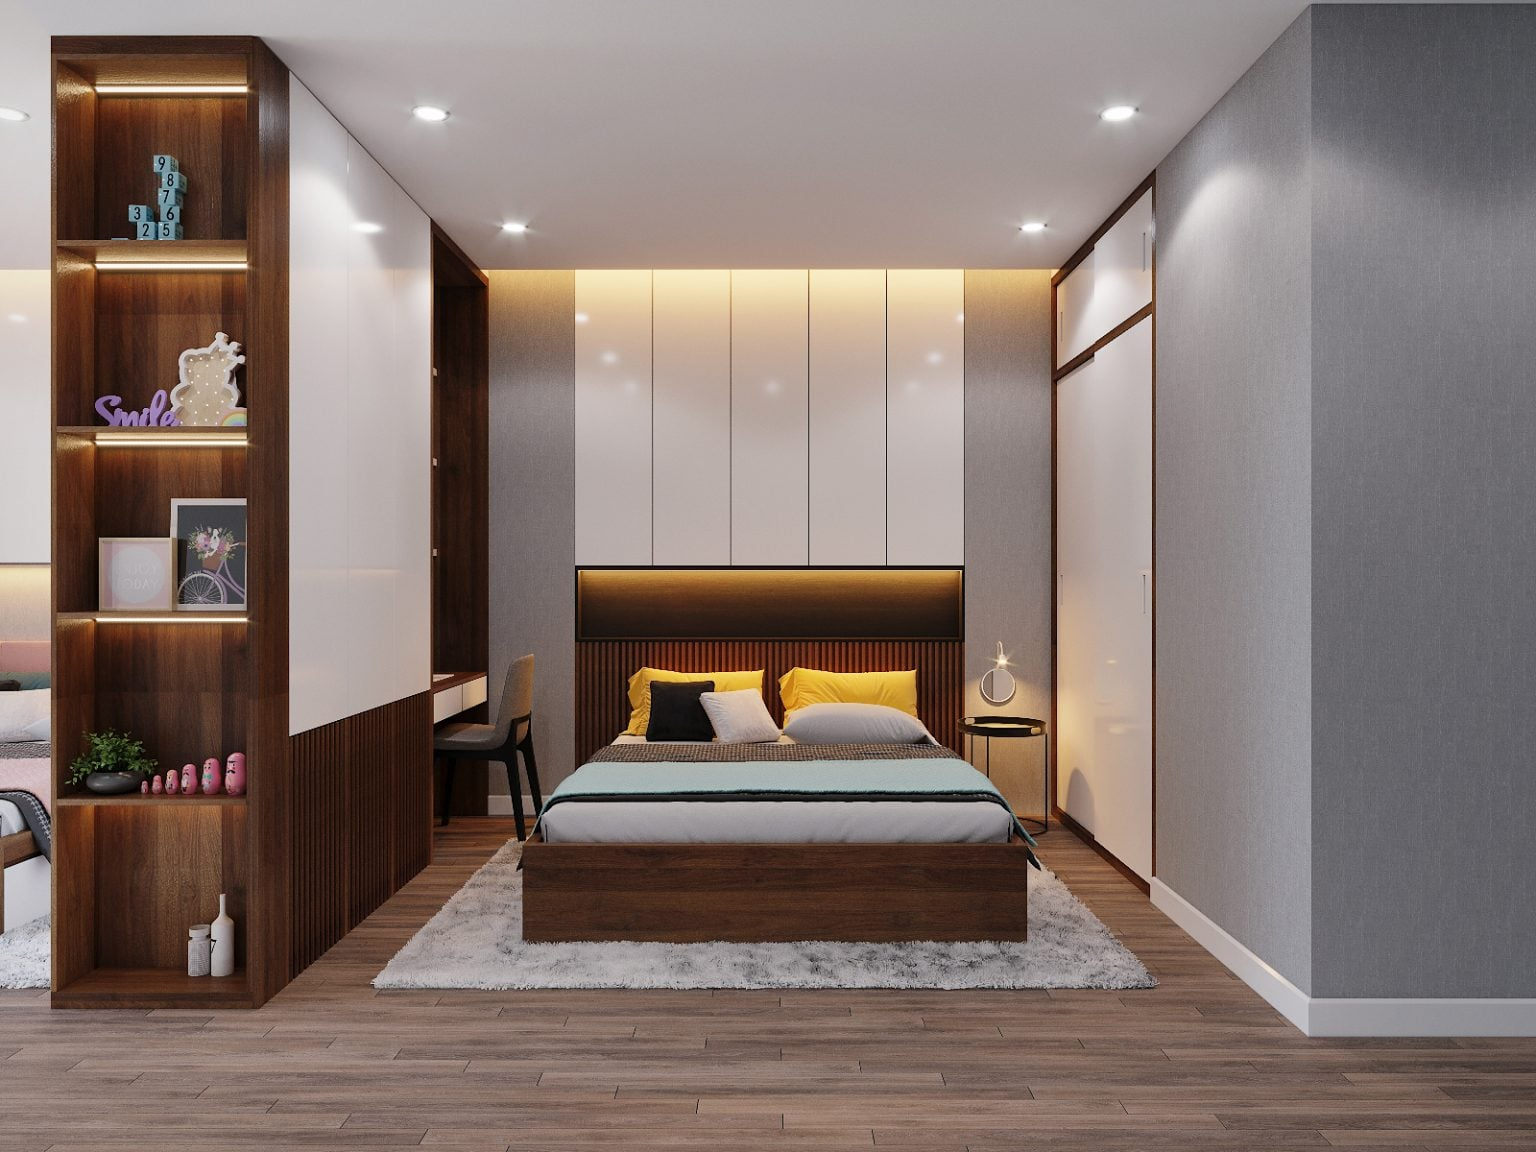 Thiết kế nội thất hiện đại nhà anh Phong ( CĐT : Anh Phong - Hà Nội )